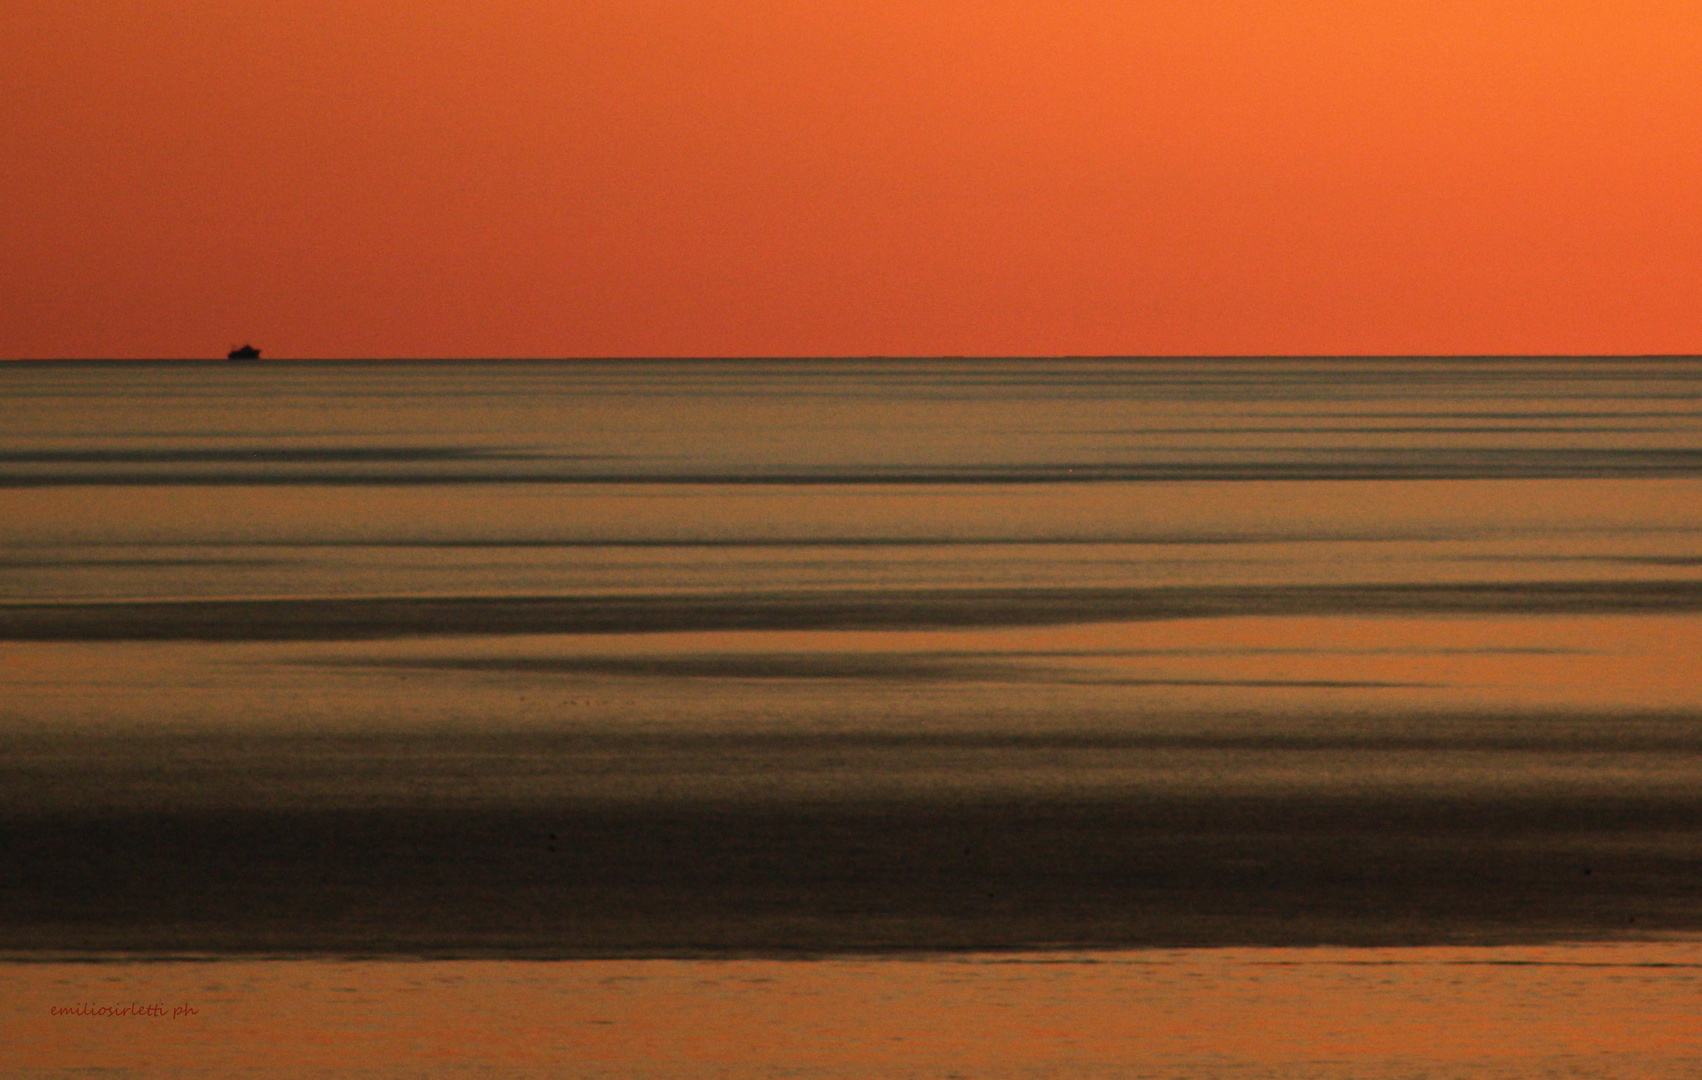 Comme est grande la mer...  Come è grande il mare....